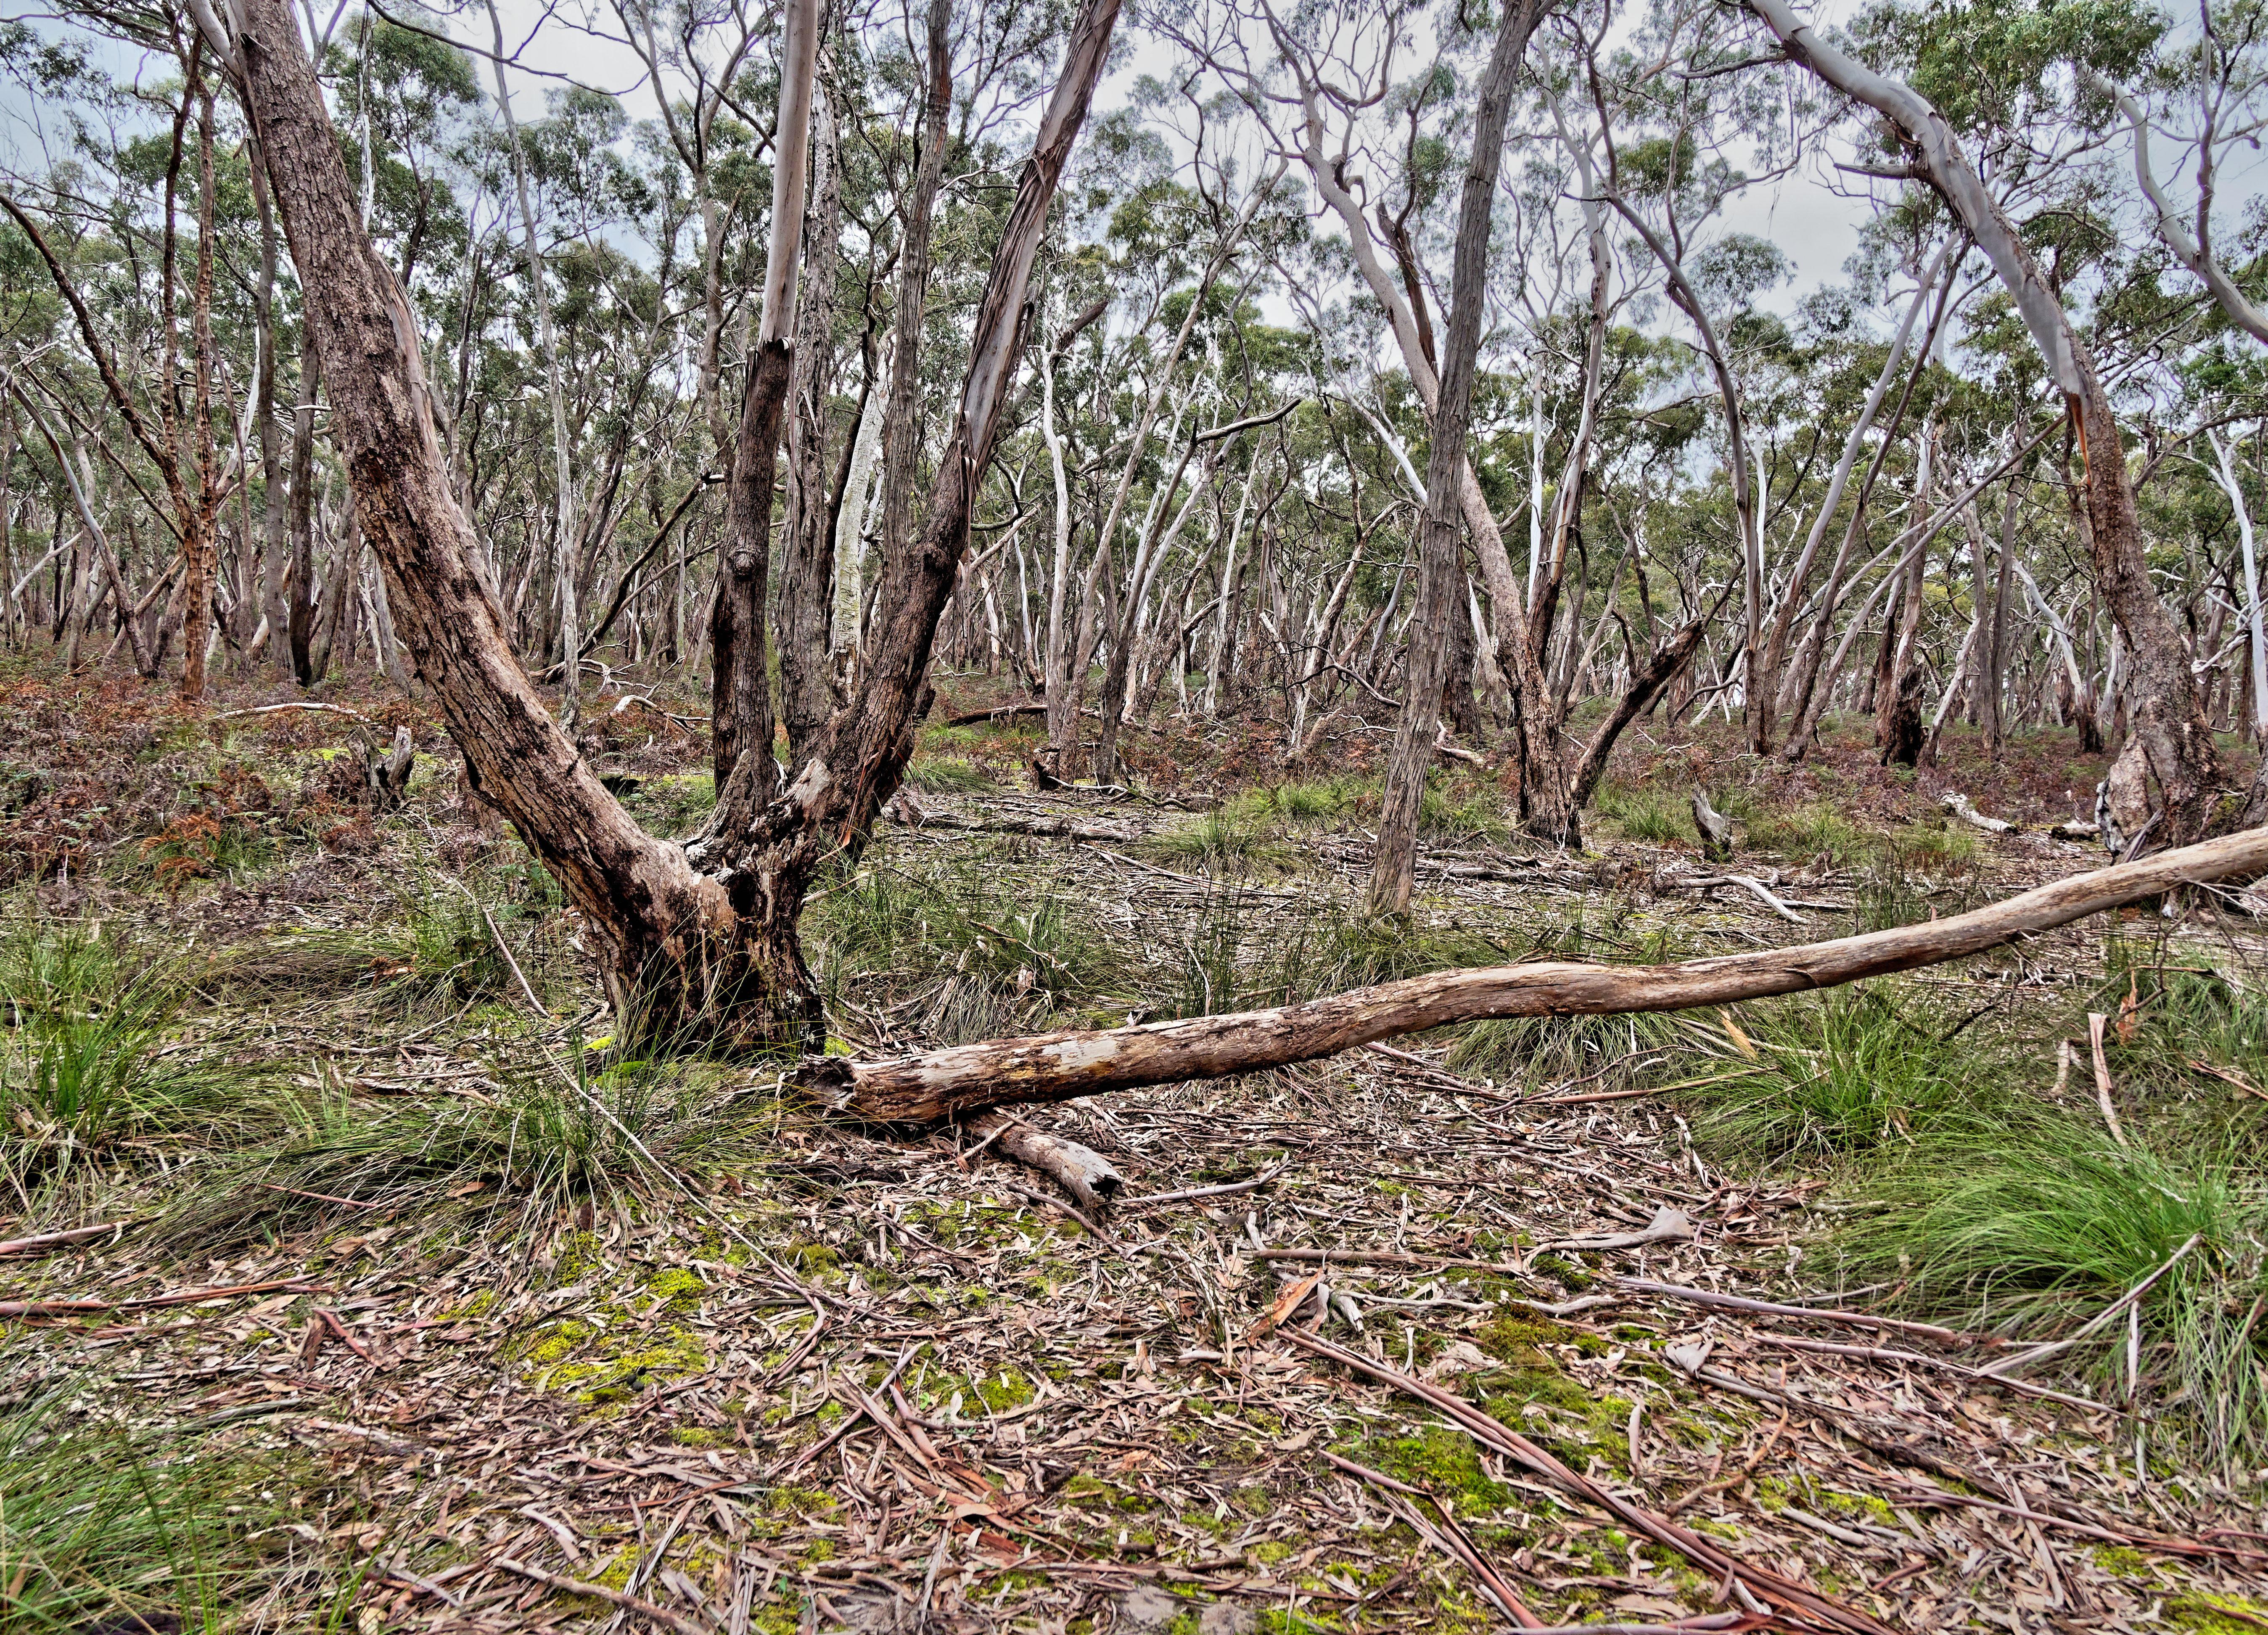 Dereel-bushland-reserve-10.jpeg